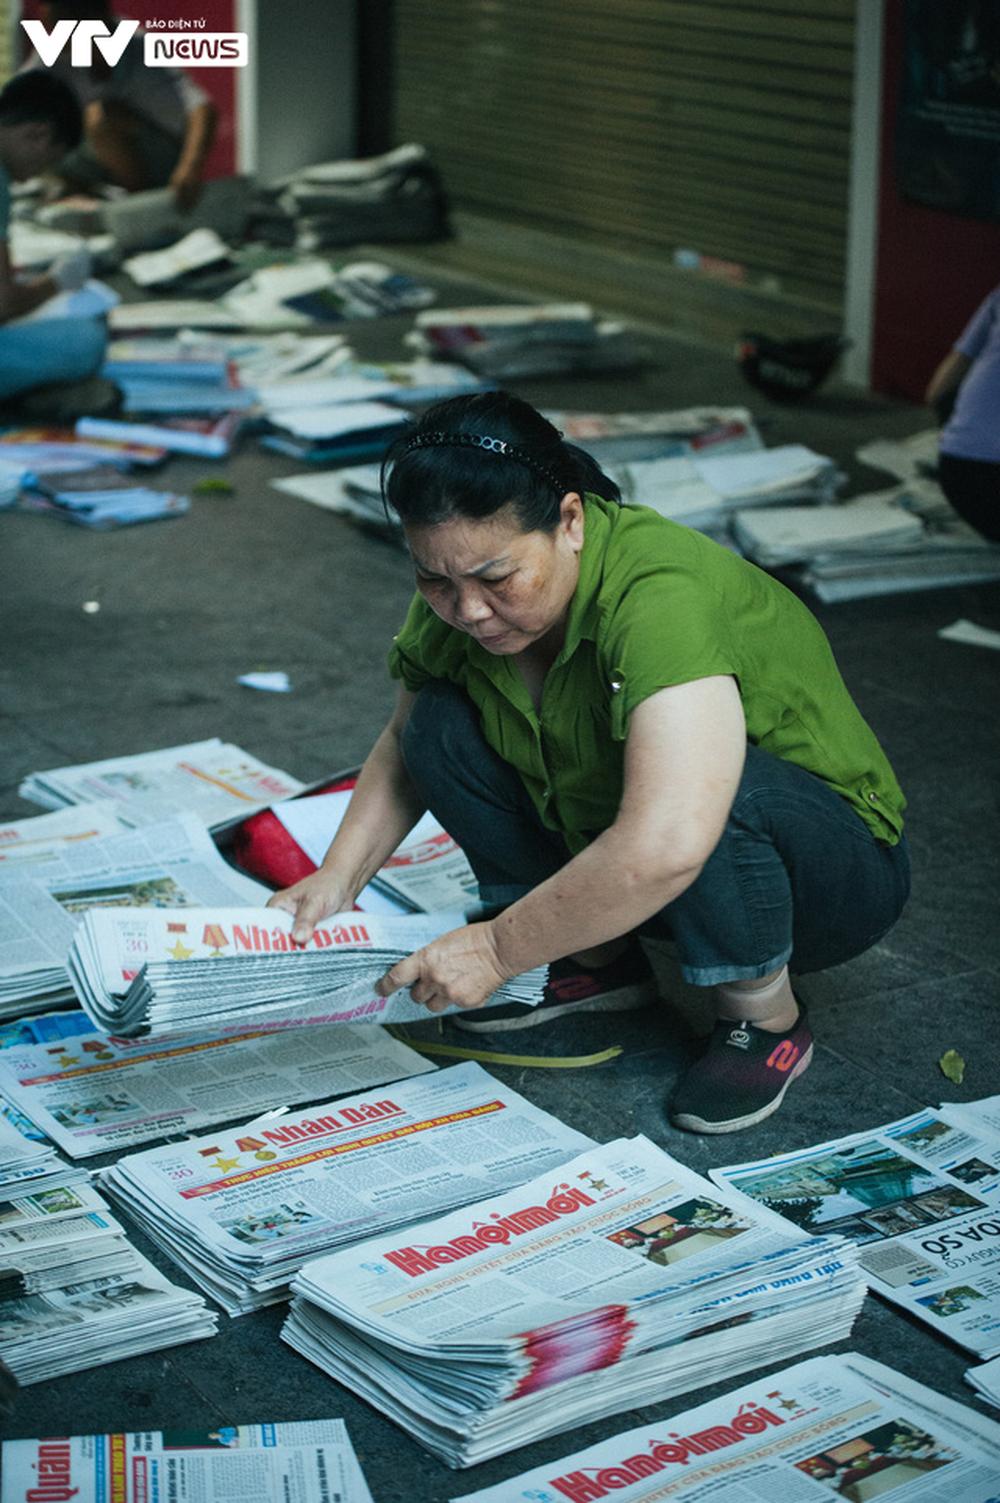 Nhộn nhịp chợ báo giấy mỗi sáng ở Thủ đô - Ảnh 10.